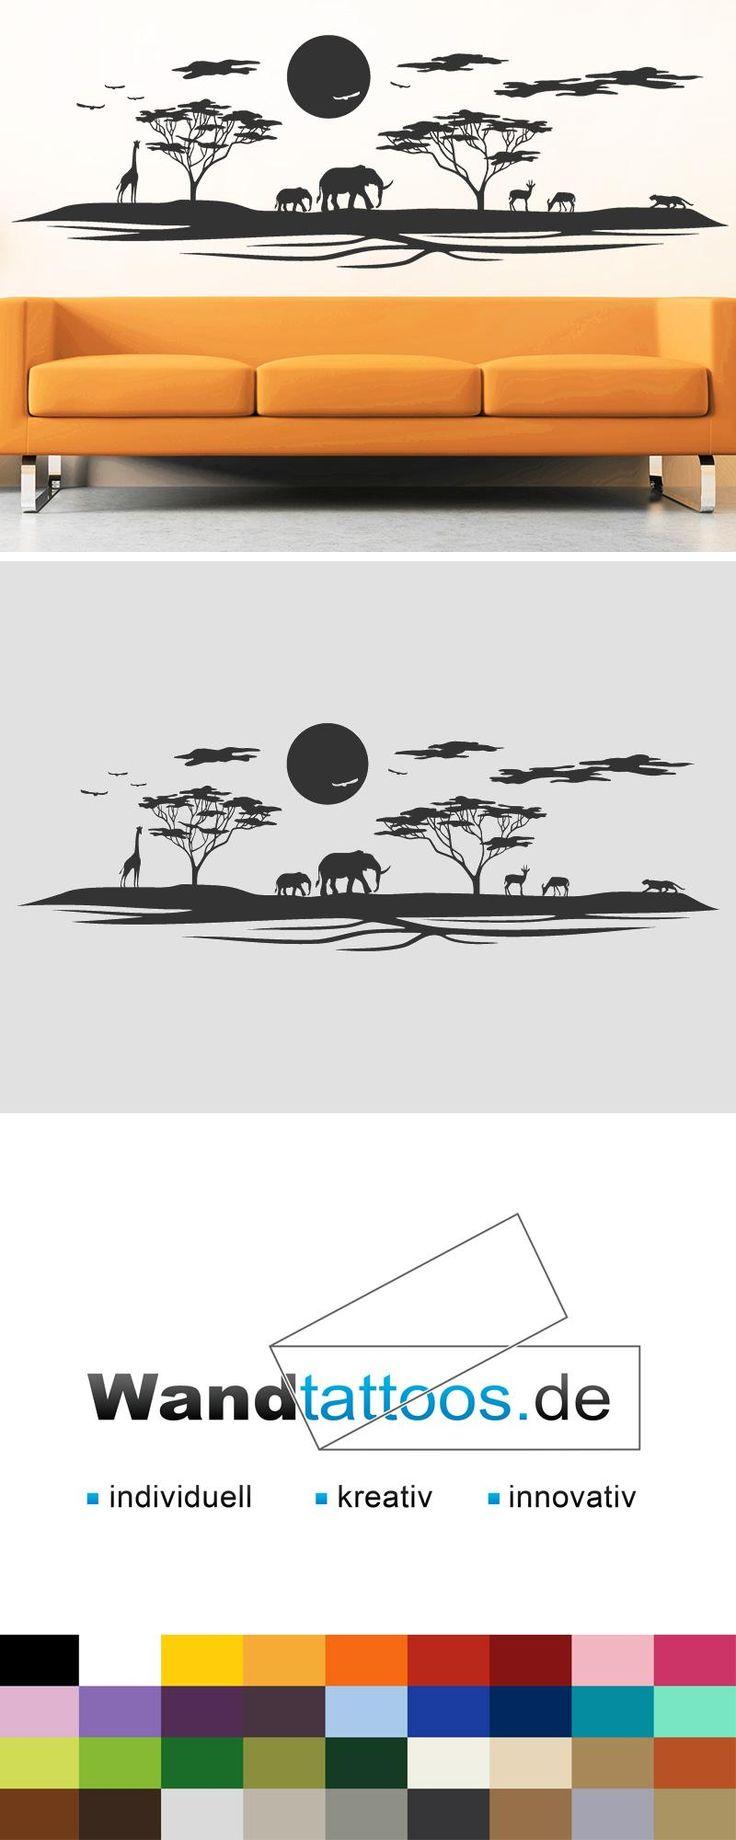 Wandtattoo Landschaft in Afrika als Idee zur individuellen Wandgestaltung. Einfach Lieblingsfarbe und Größe auswählen. Weitere kreative Anregungen von Wandtattoos.de hier entdecken!